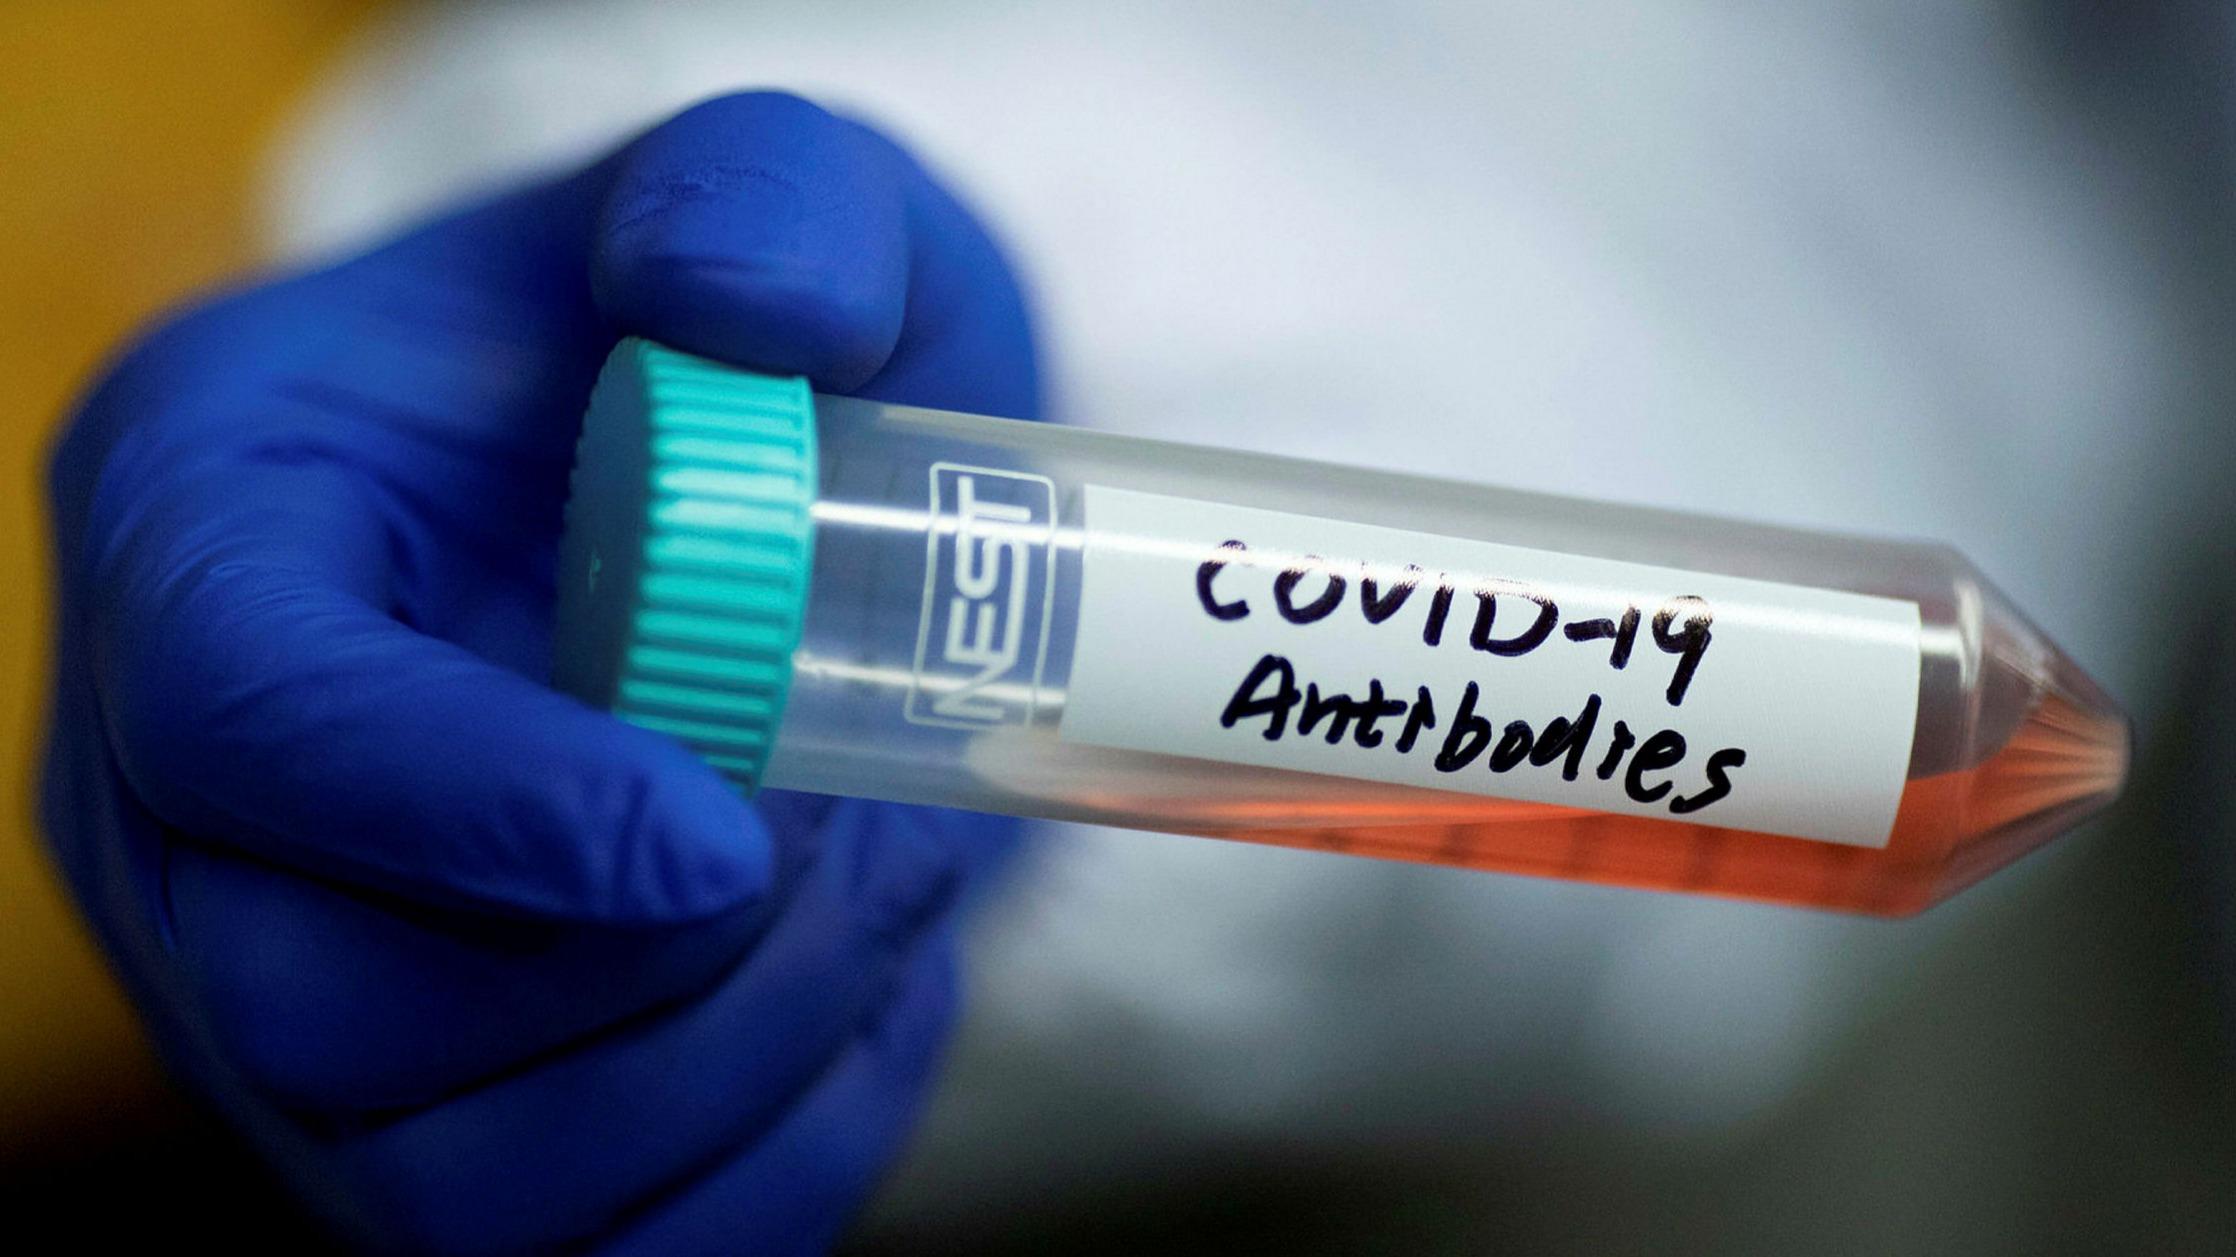 UK Study Suggests 26% Drop in Population's Immunity to Coronavirus